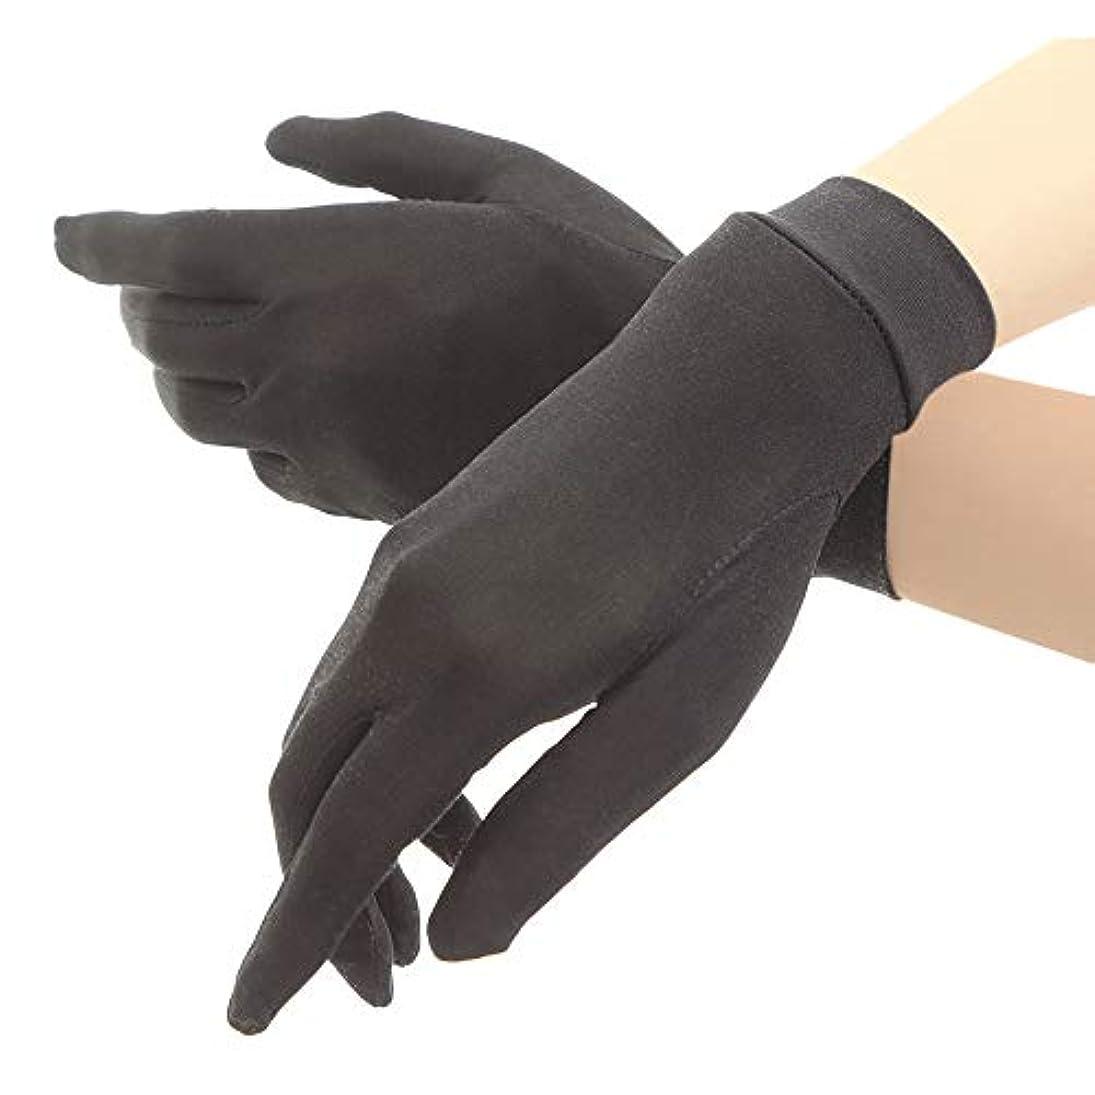 邪魔同意する矛盾シルク手袋 レディース 手袋 シルク 絹 ハンド ケア 保湿 紫外線 肌荒れ 乾燥 サイズアップで手指にマッチ 【macch】